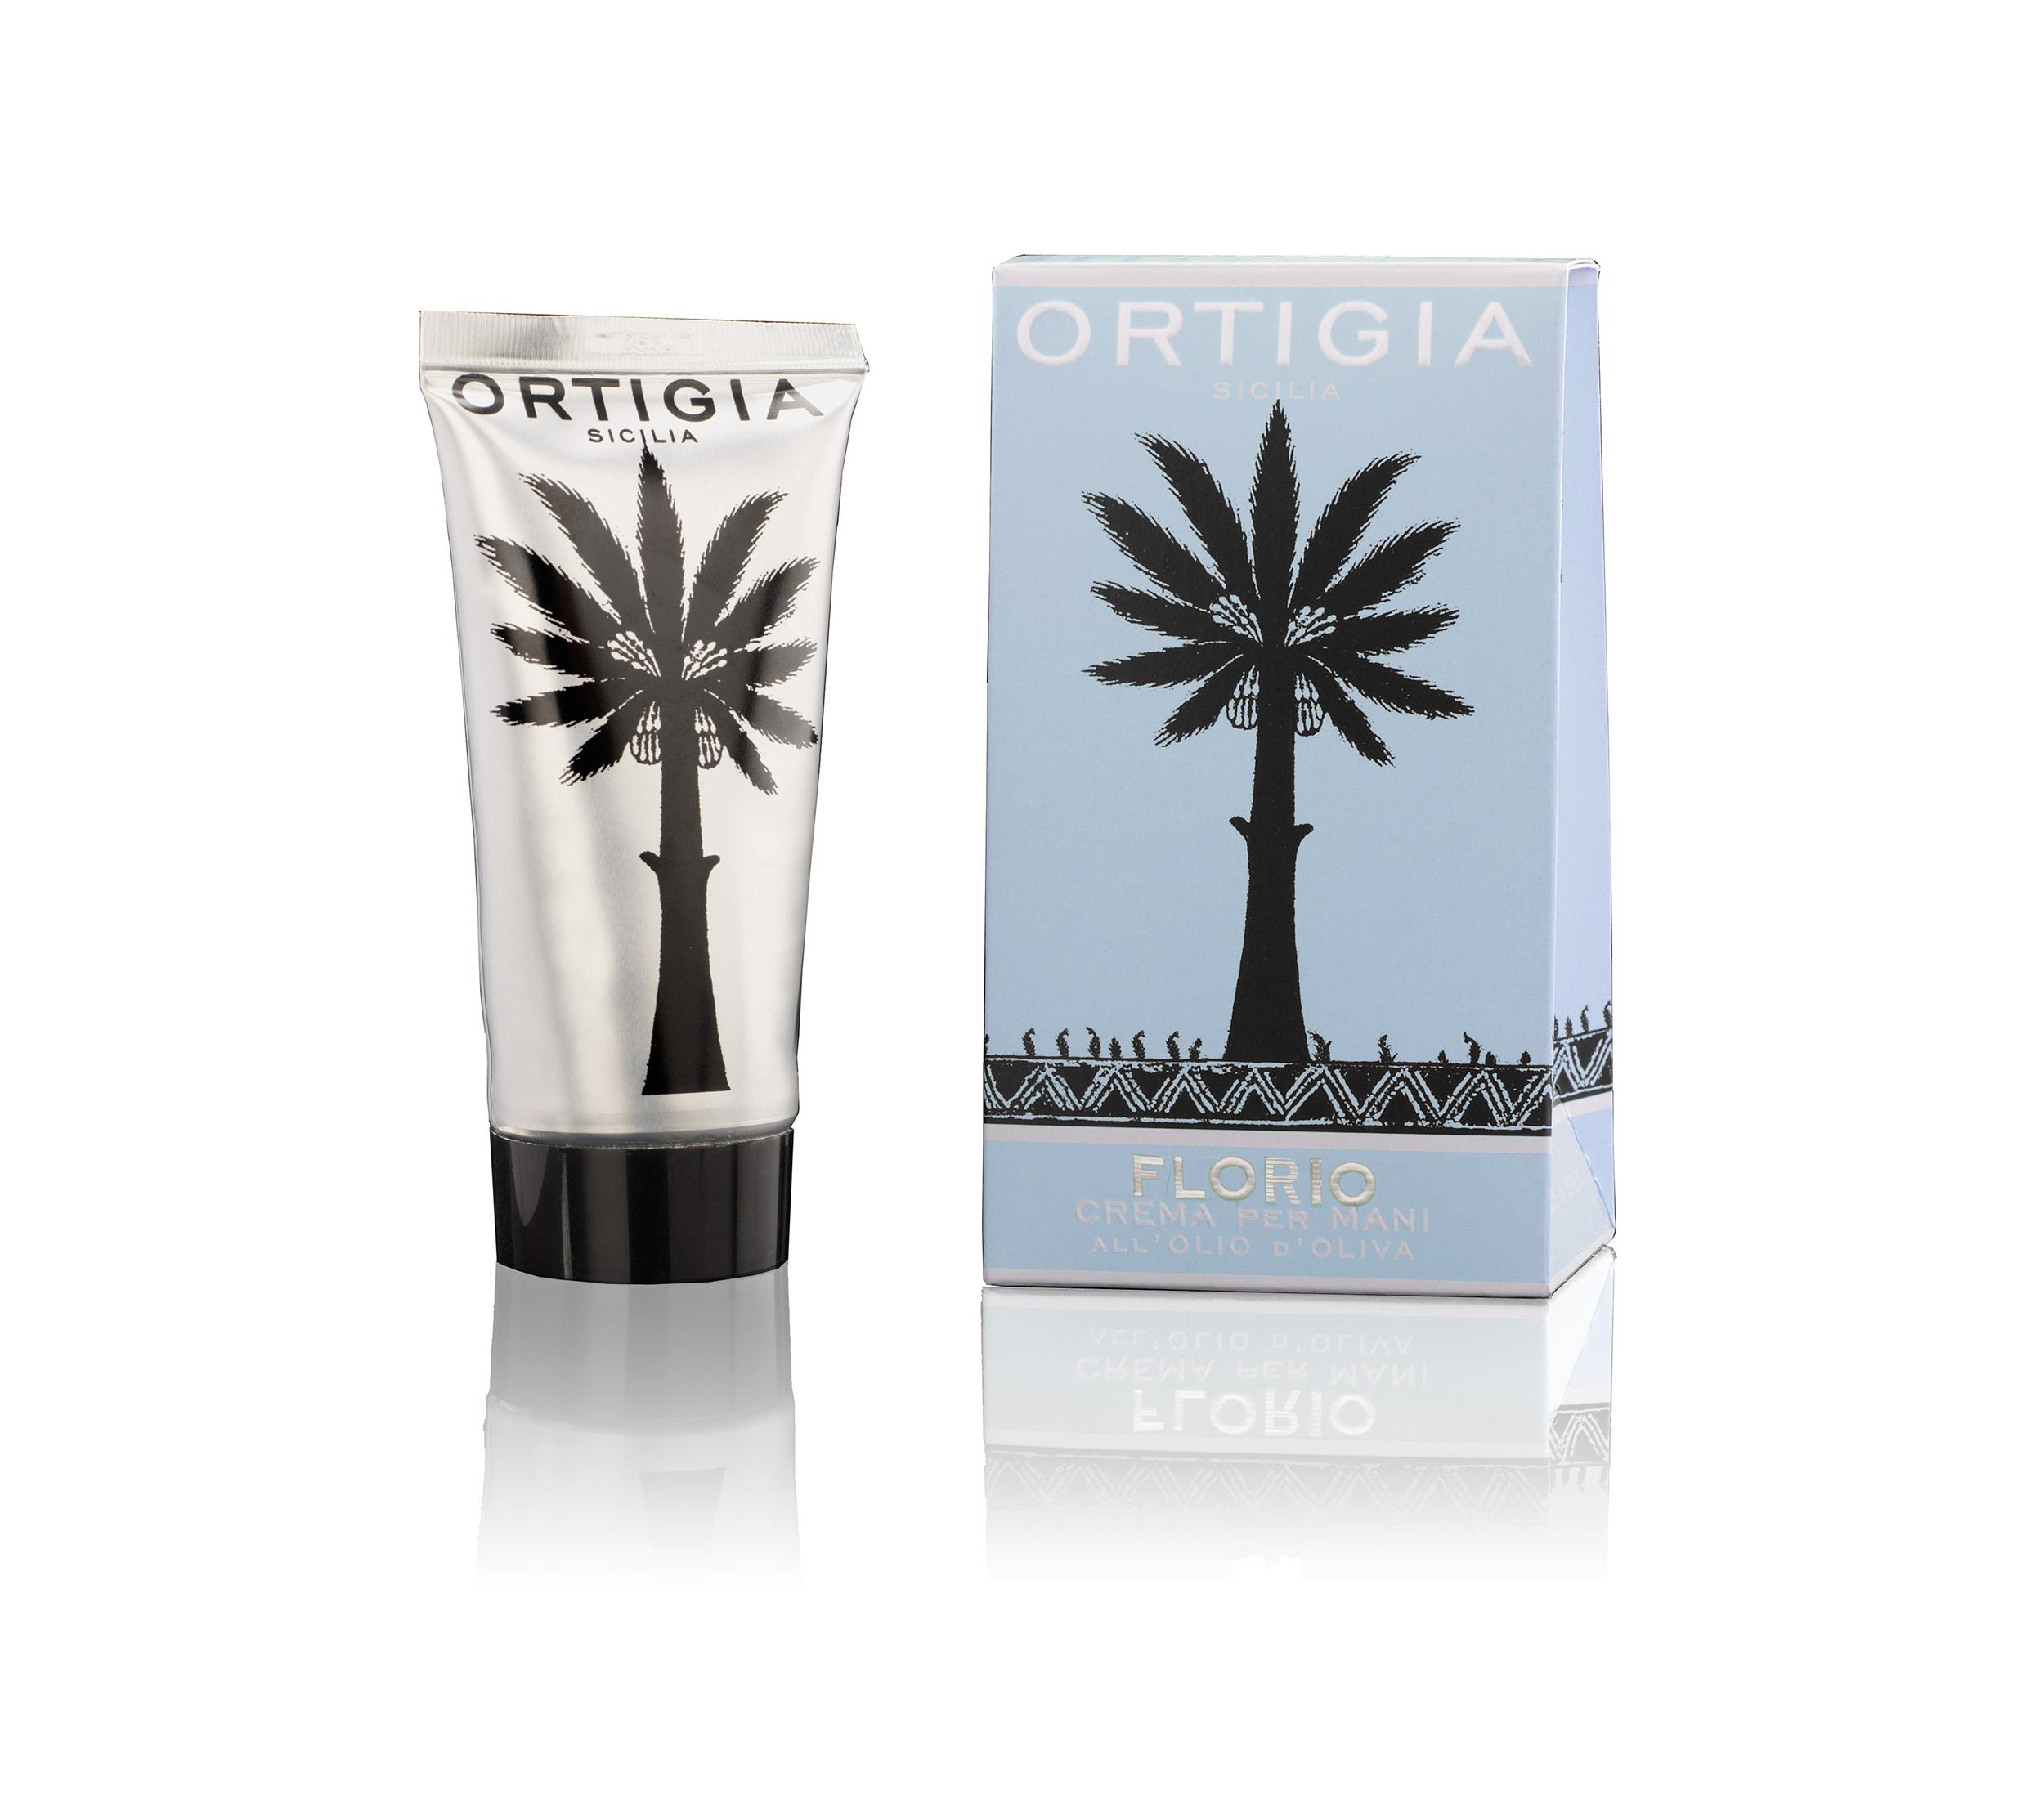 Ortigia Florio D'India Hand Cream  £16.00